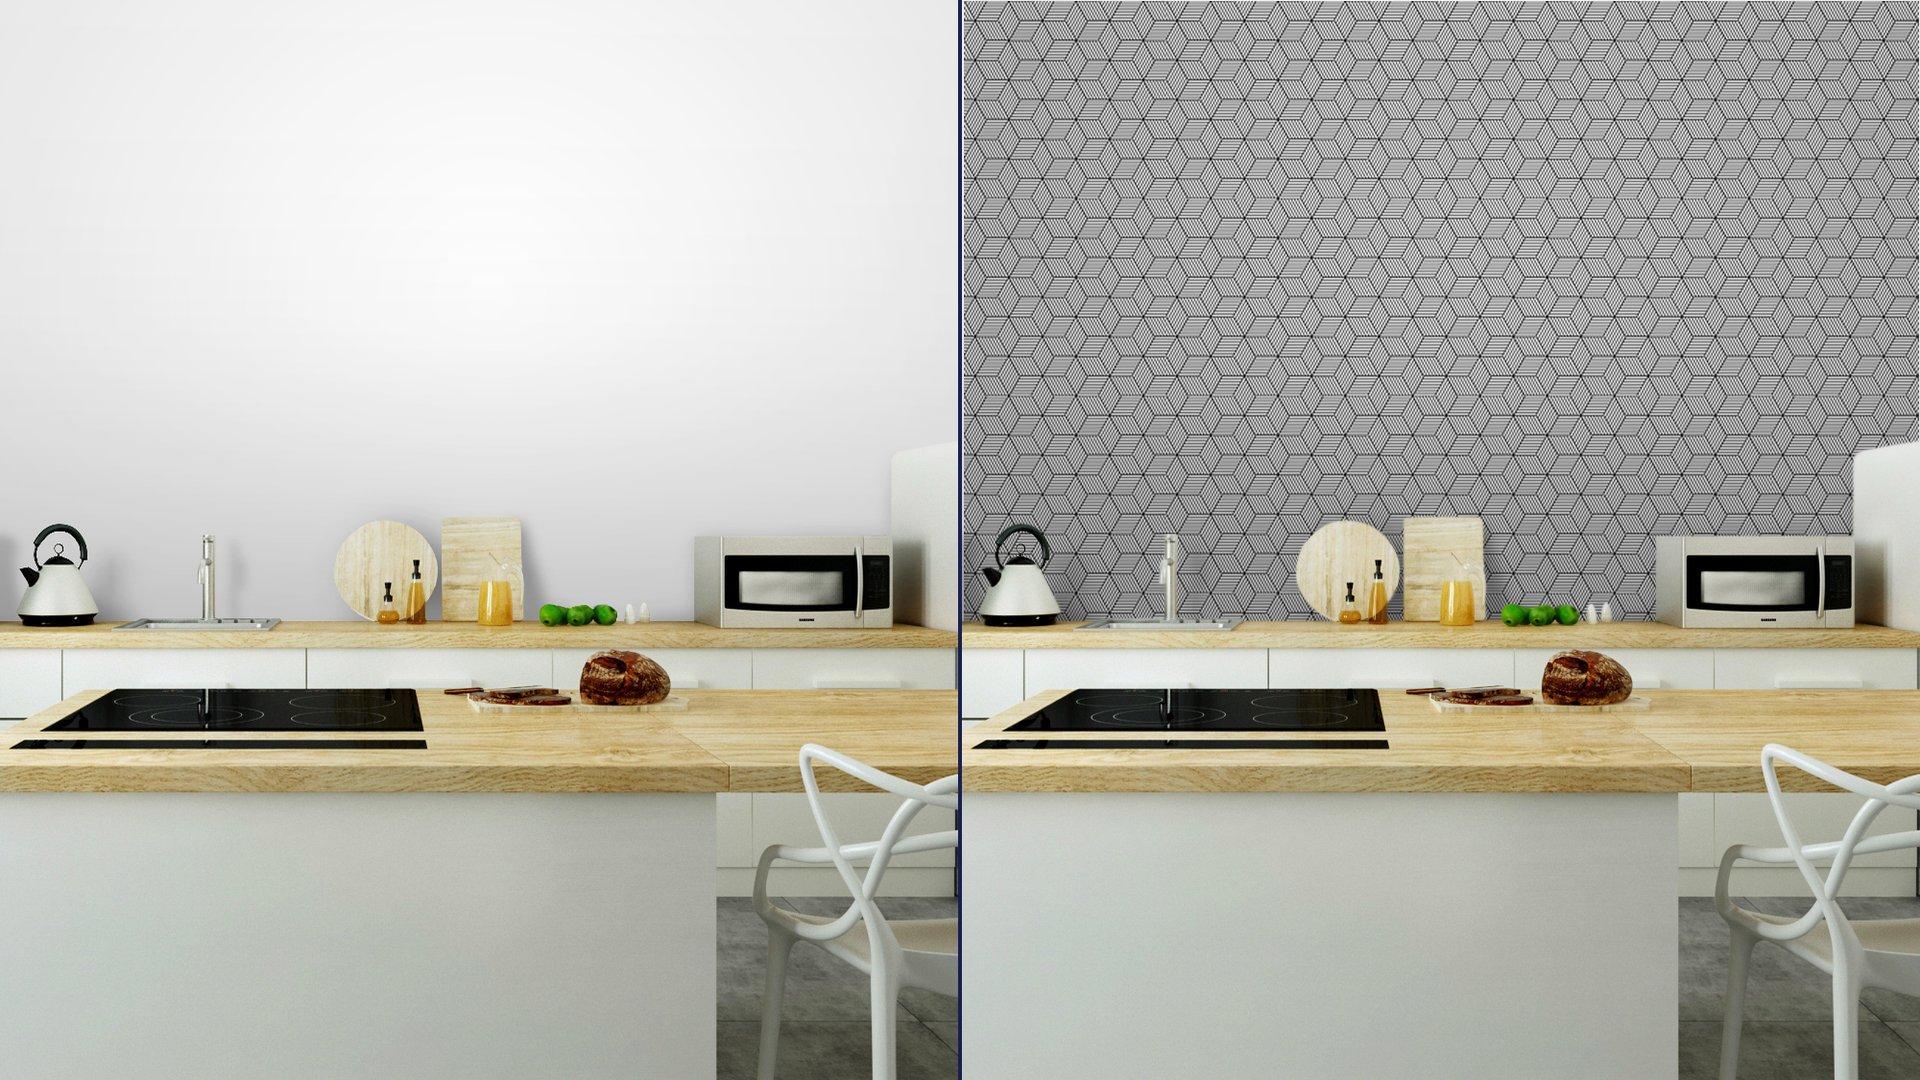 Fotomurales mexico papeles pintados lavables patron geometrico transparente con cubos 5 - Papel Tapiz Patrón de Cubos 3D 02